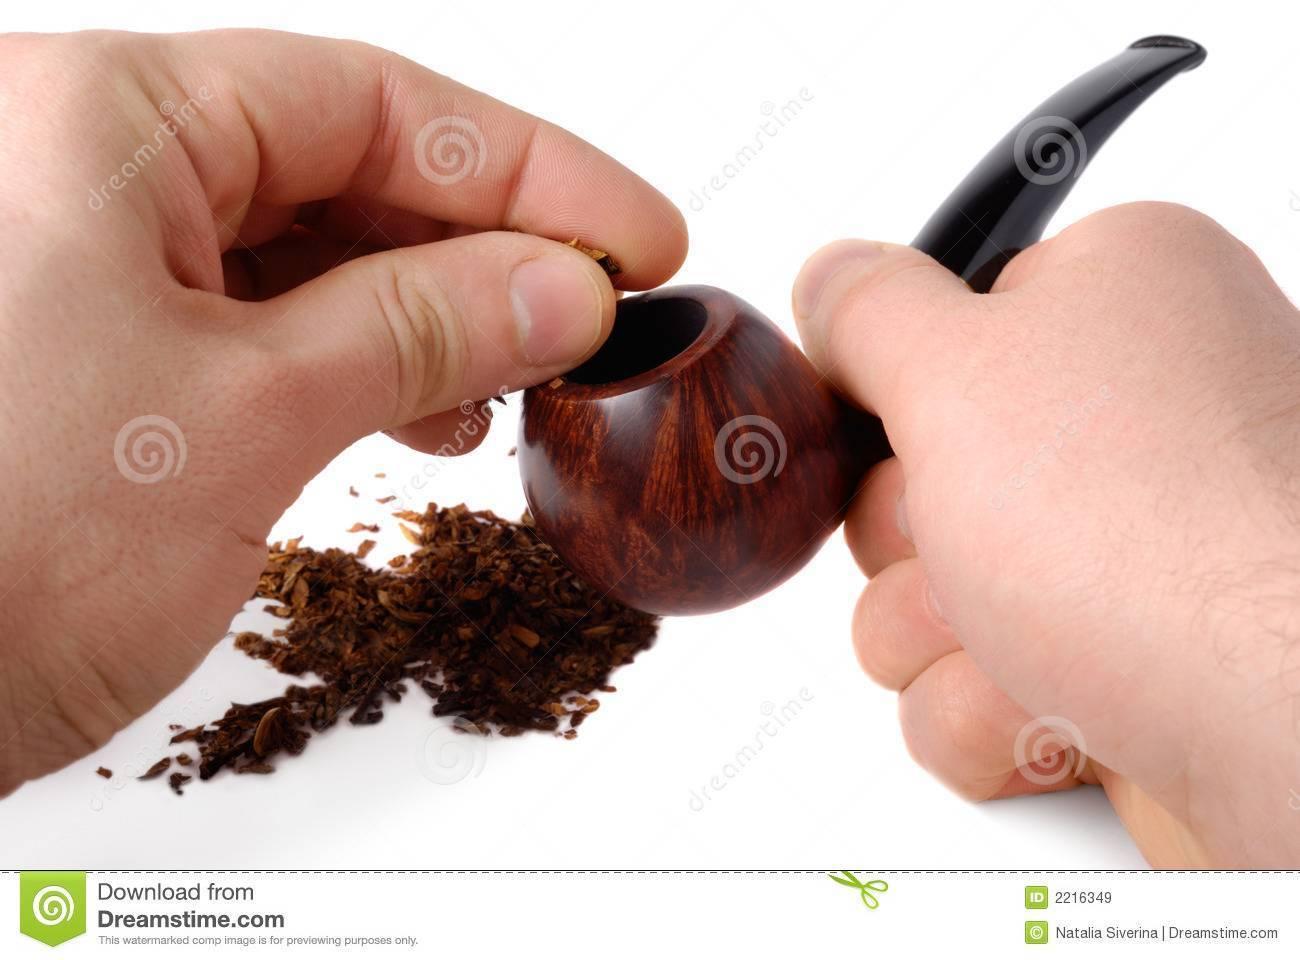 Лучшие сорта табака для трубки: какой выбрать?